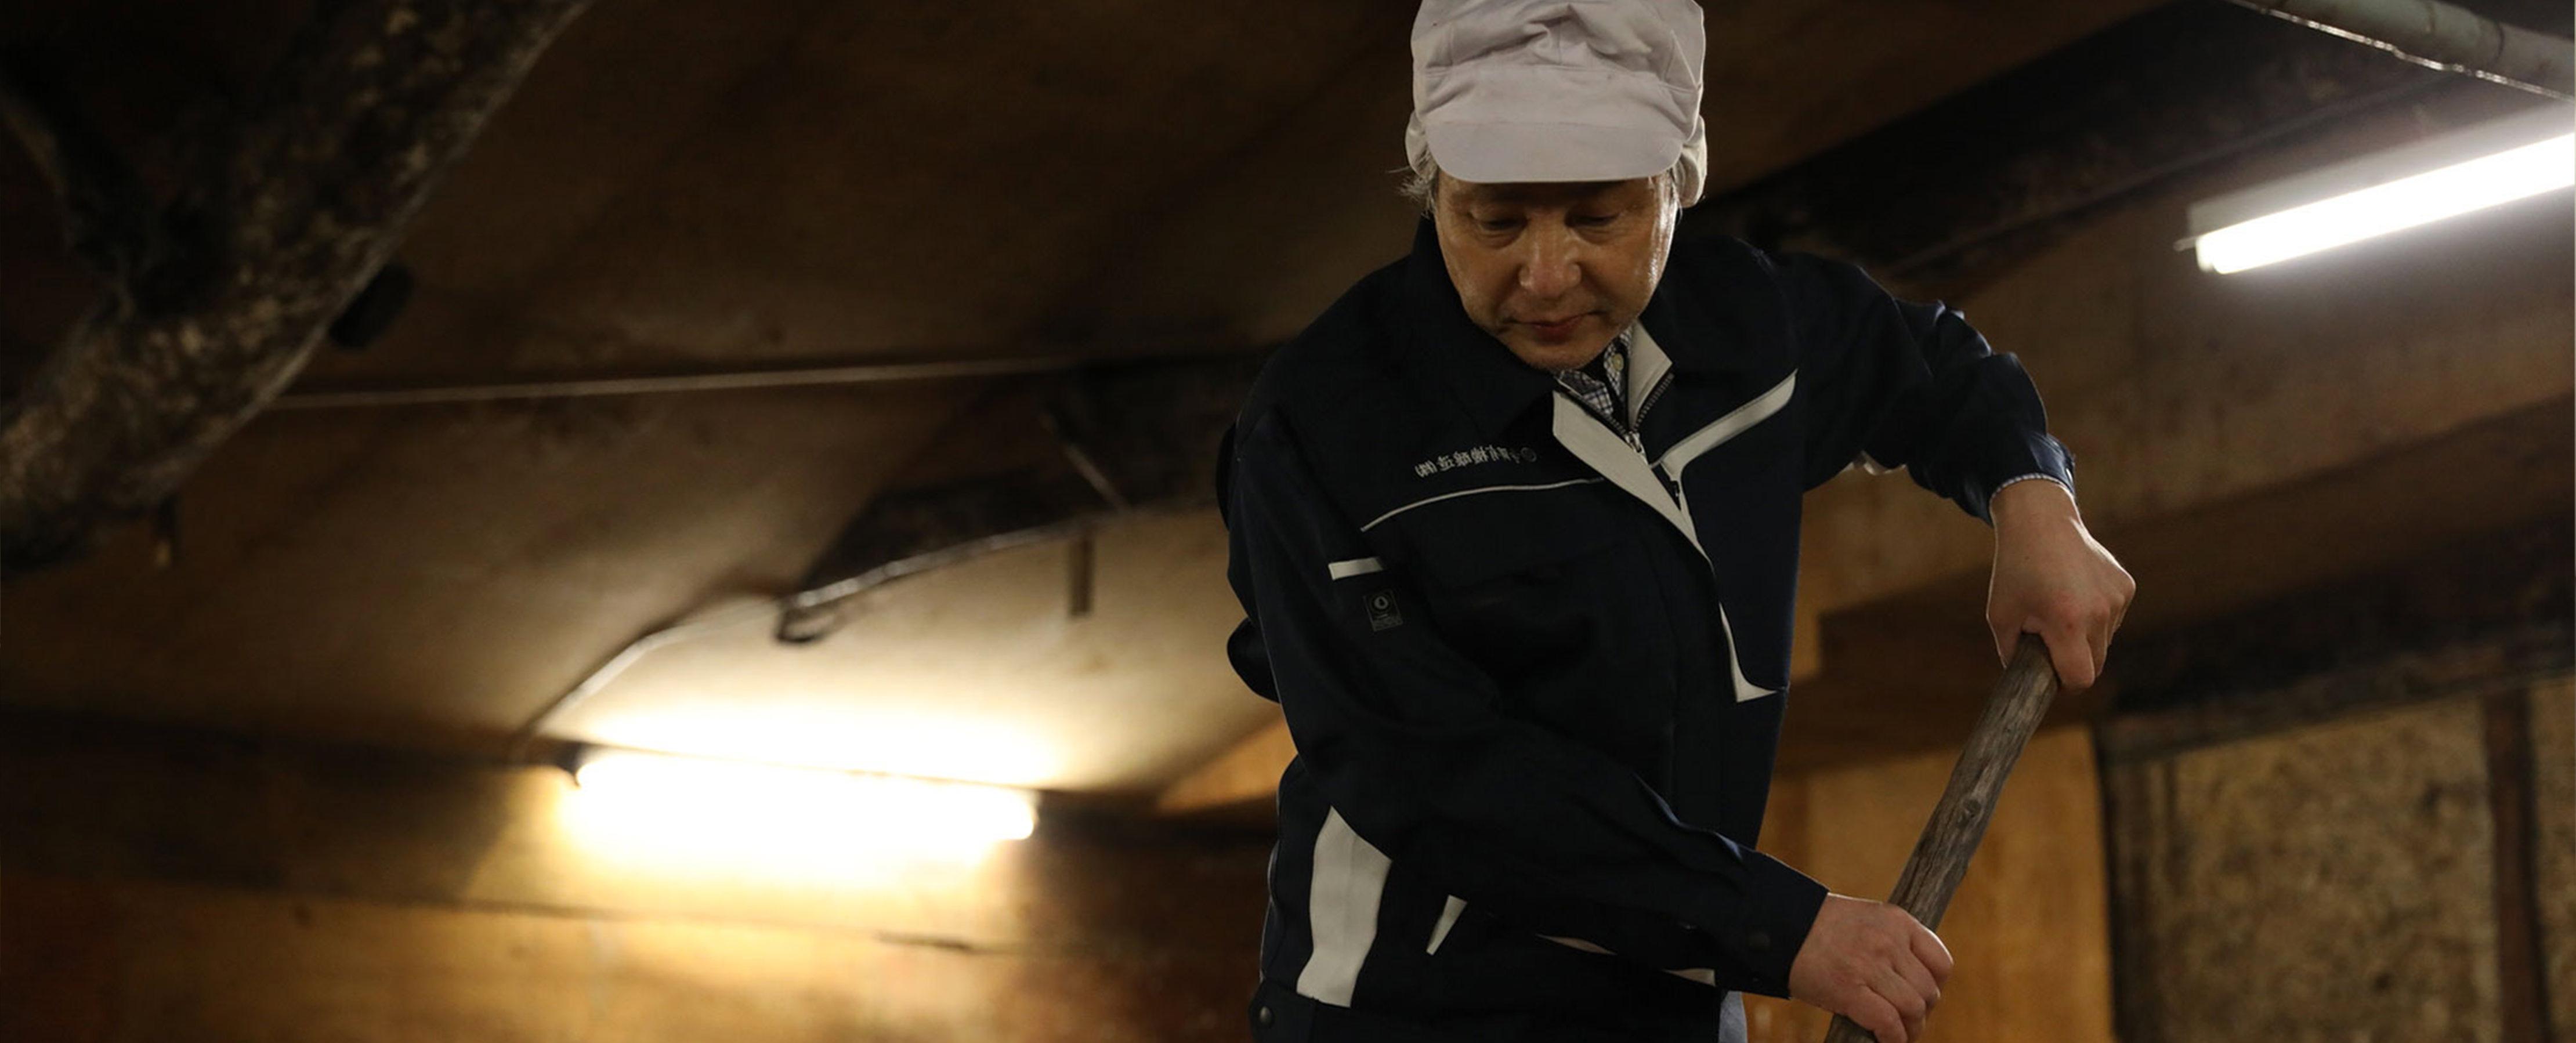 寺岡有機醸造の職人